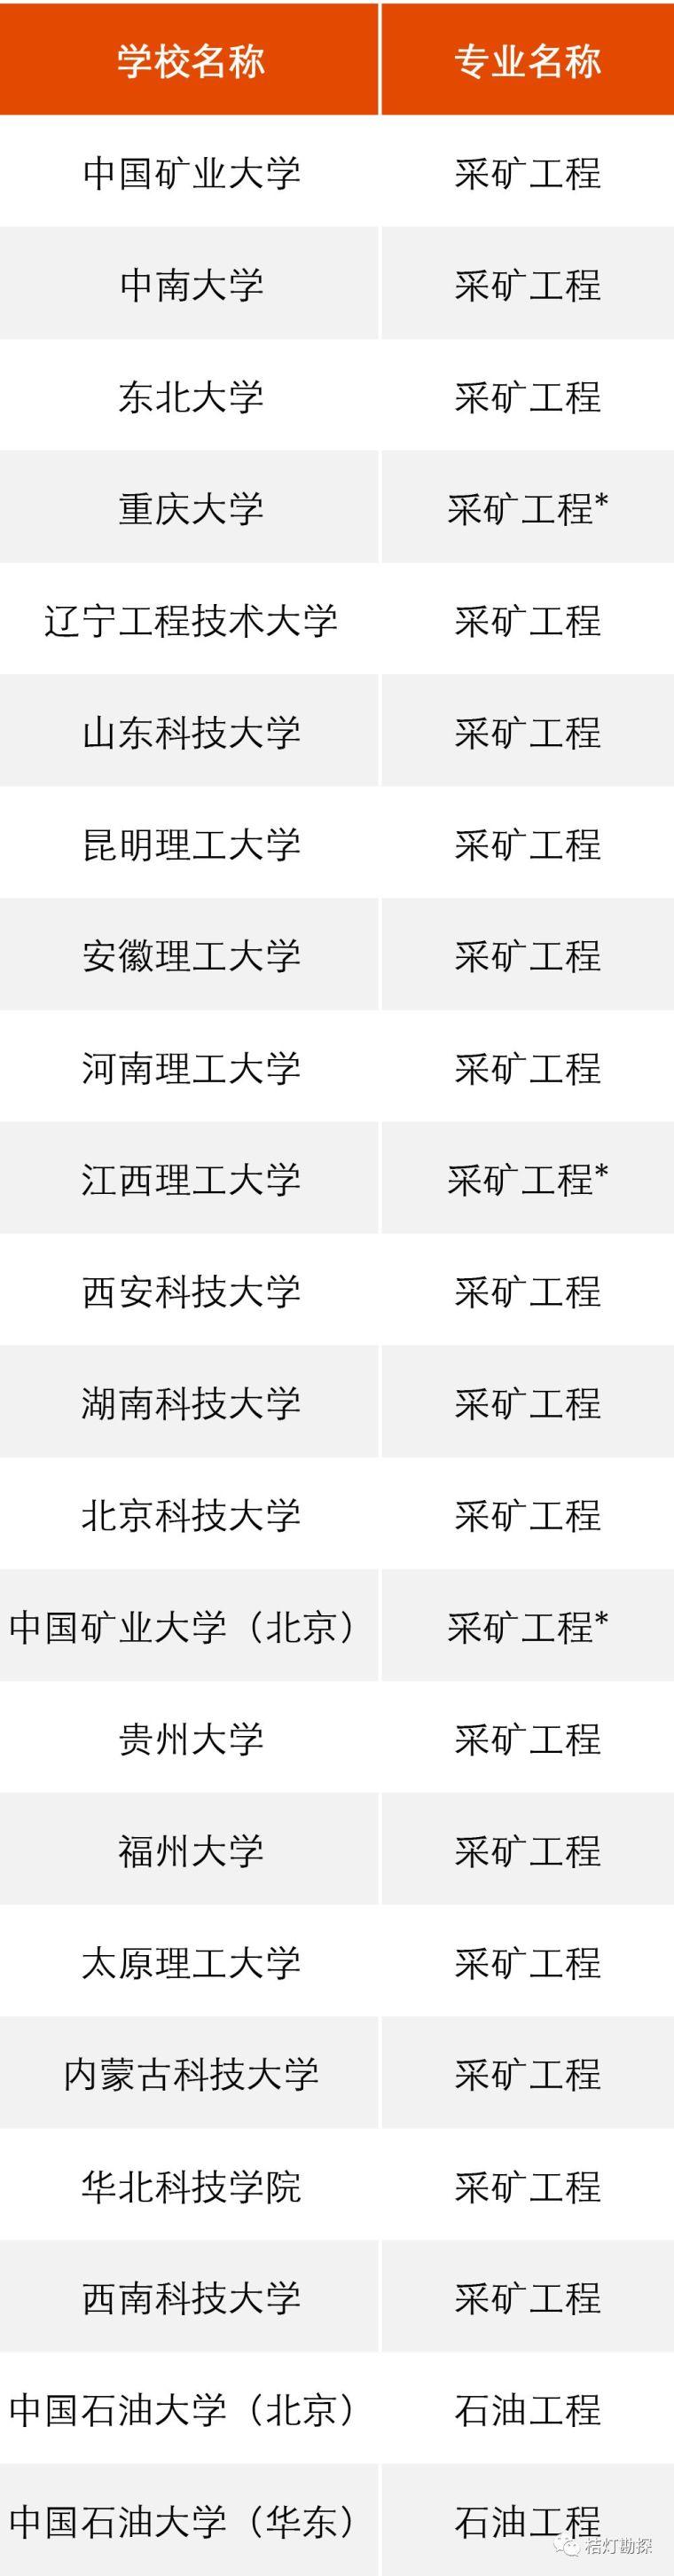 """教育部公布293个地学类工科专业进入全球""""第一方阵""""!_3"""